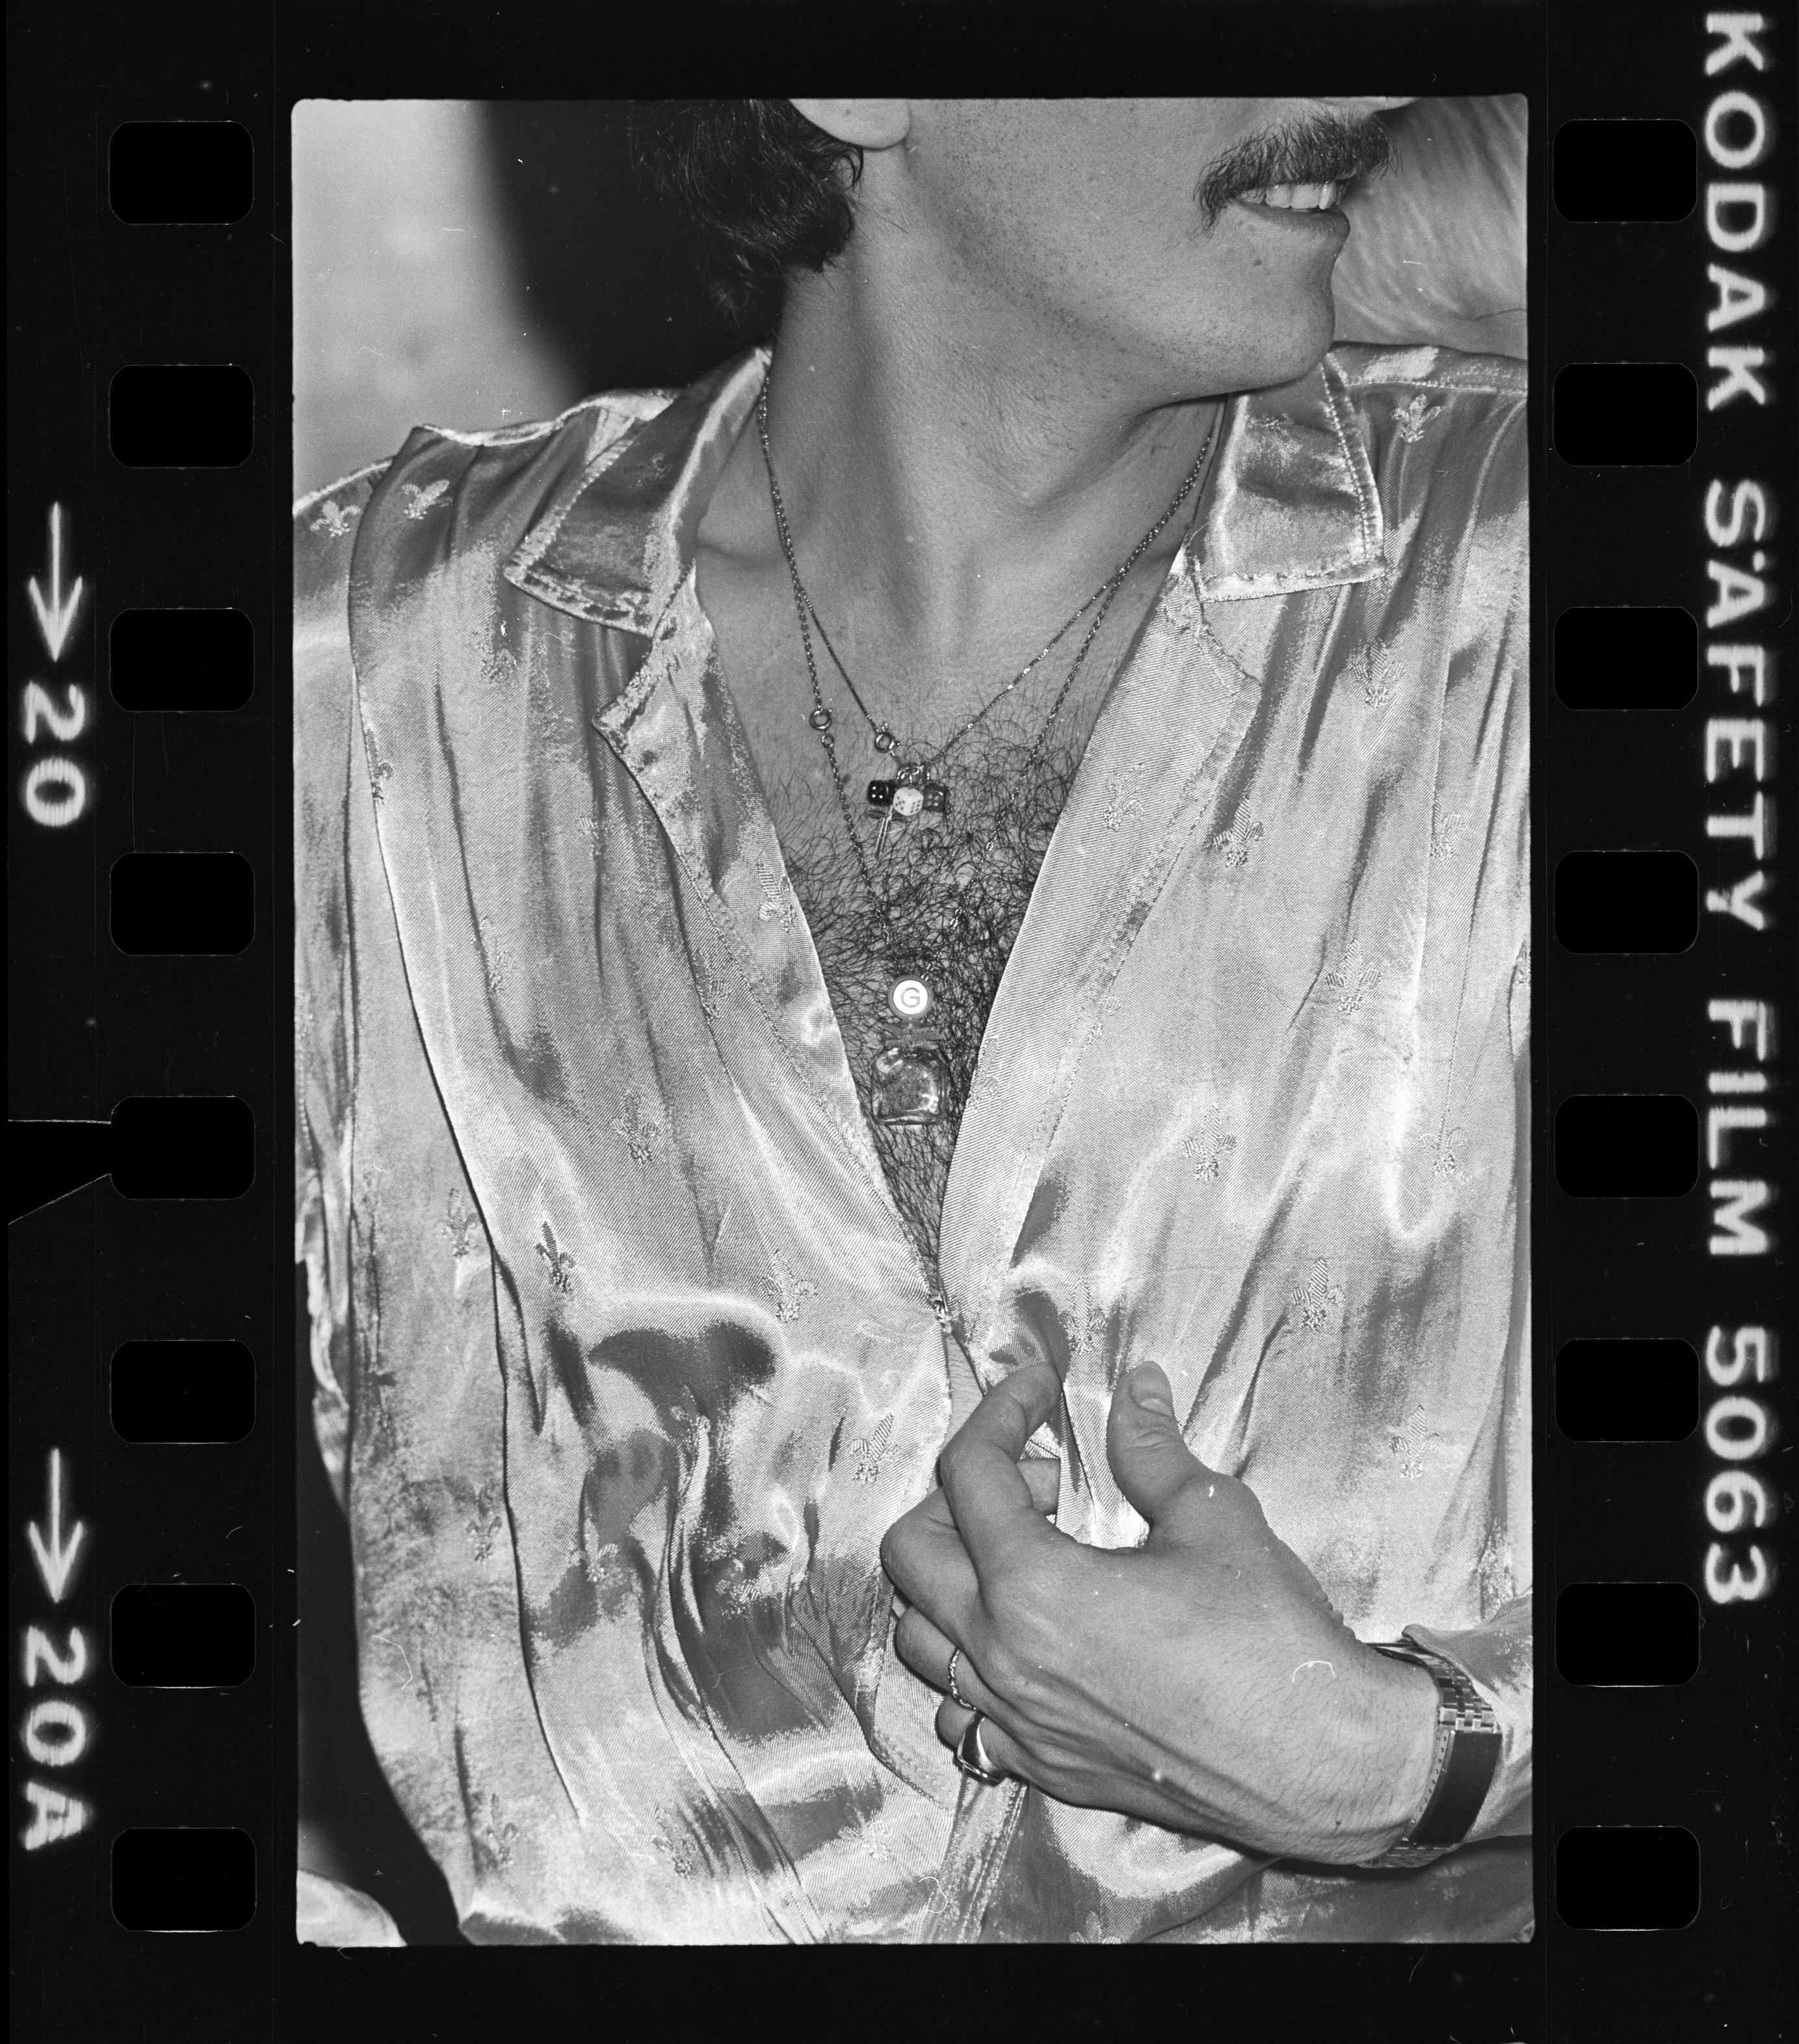 Kiss-Kuntler Árpád: Disco (részlet a sorozatból ), 1982–1985 © Kiss-Kuntler Árpád